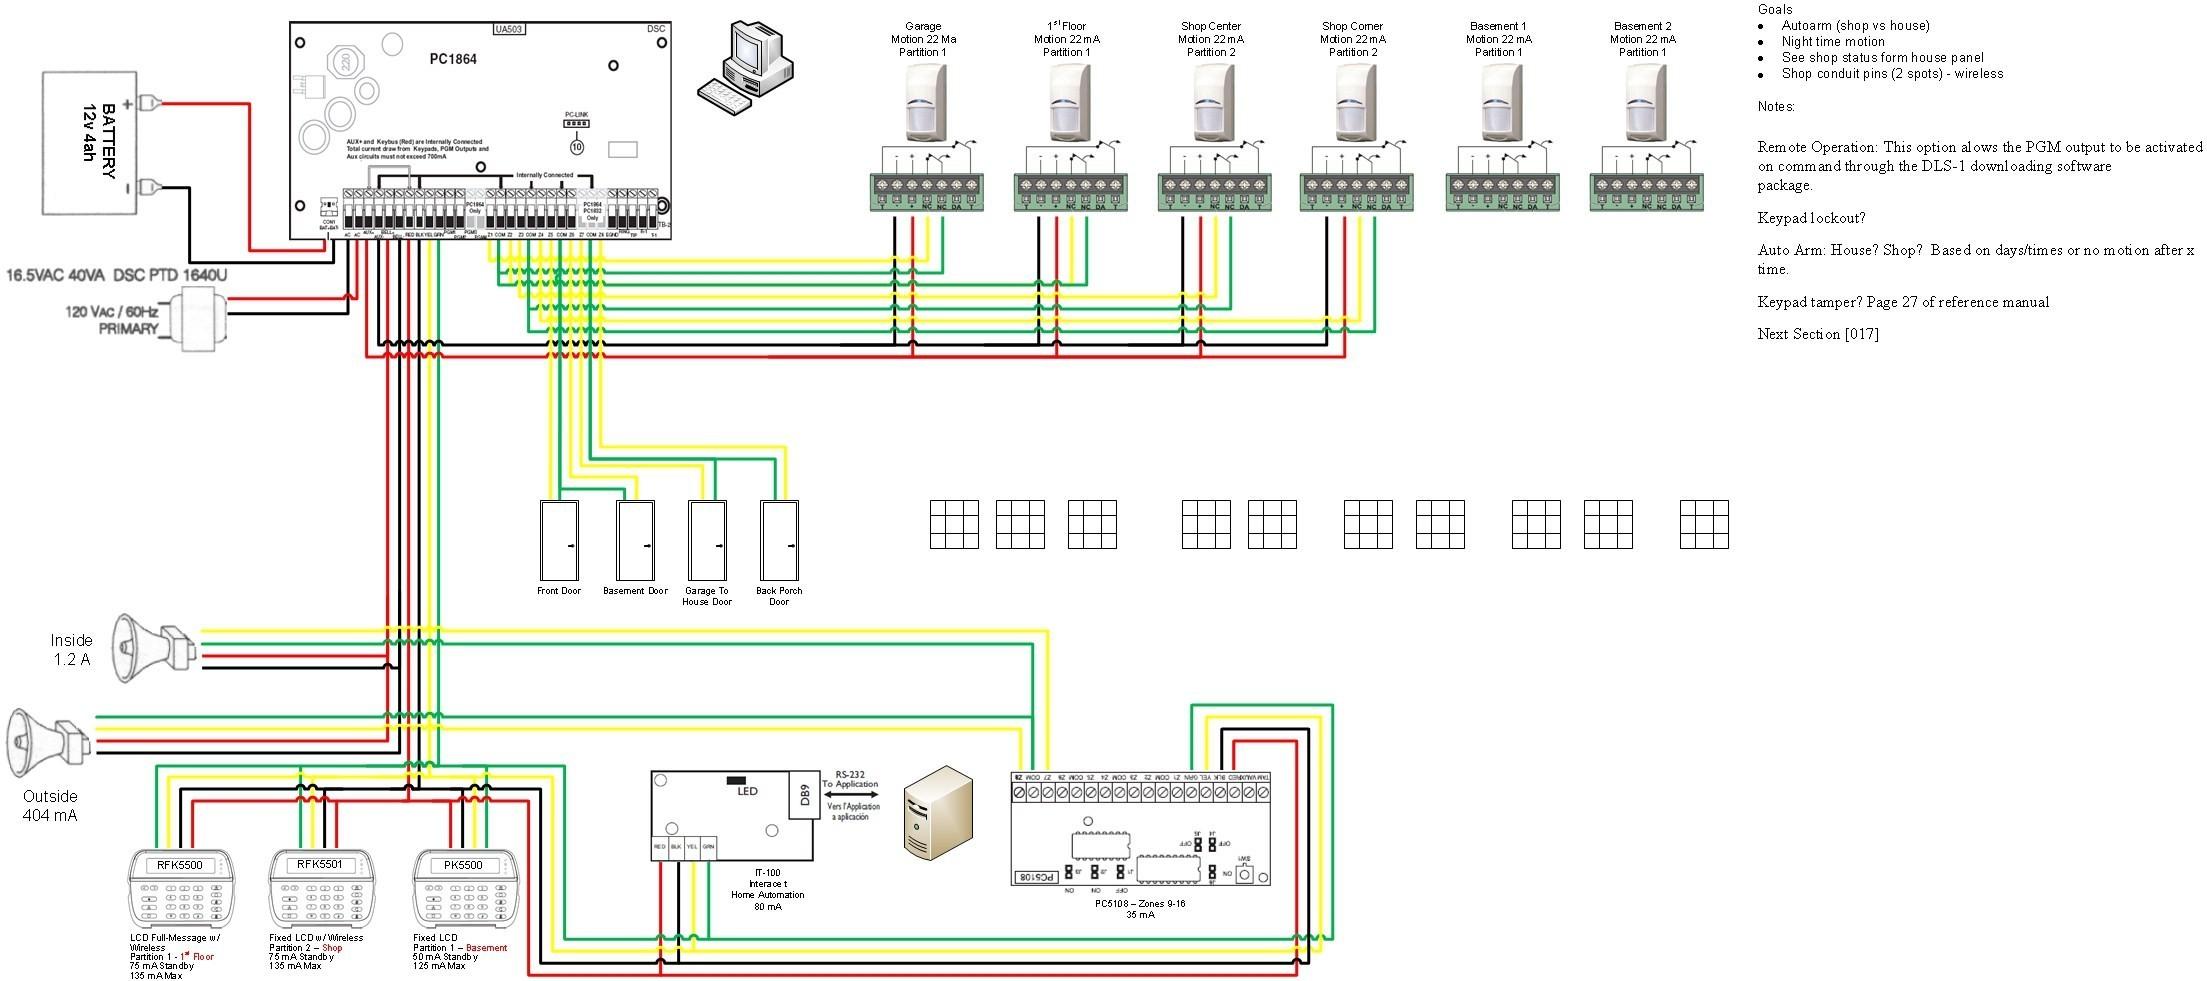 car alarm system wiring diagram dsc alarm wiring diagram wiring rh detoxicrecenze com Home Alarm System Wiring Diagram Viper Car Alarm Wiring Diagram